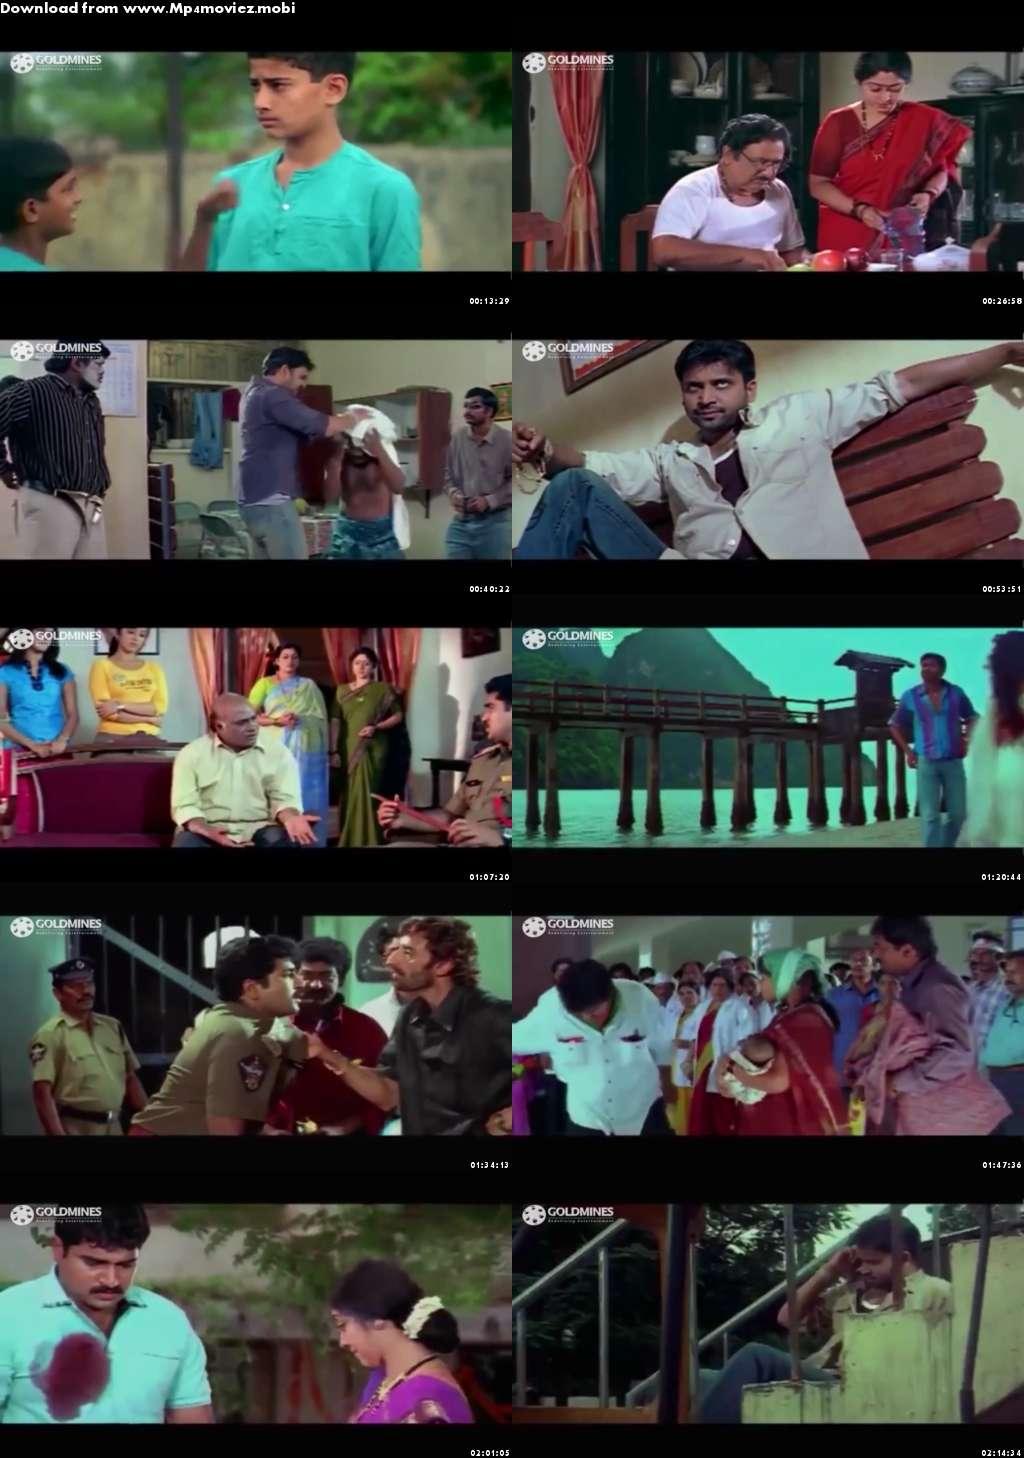 Delhi Express 2 (2017) Hindi Dubbed HDRip